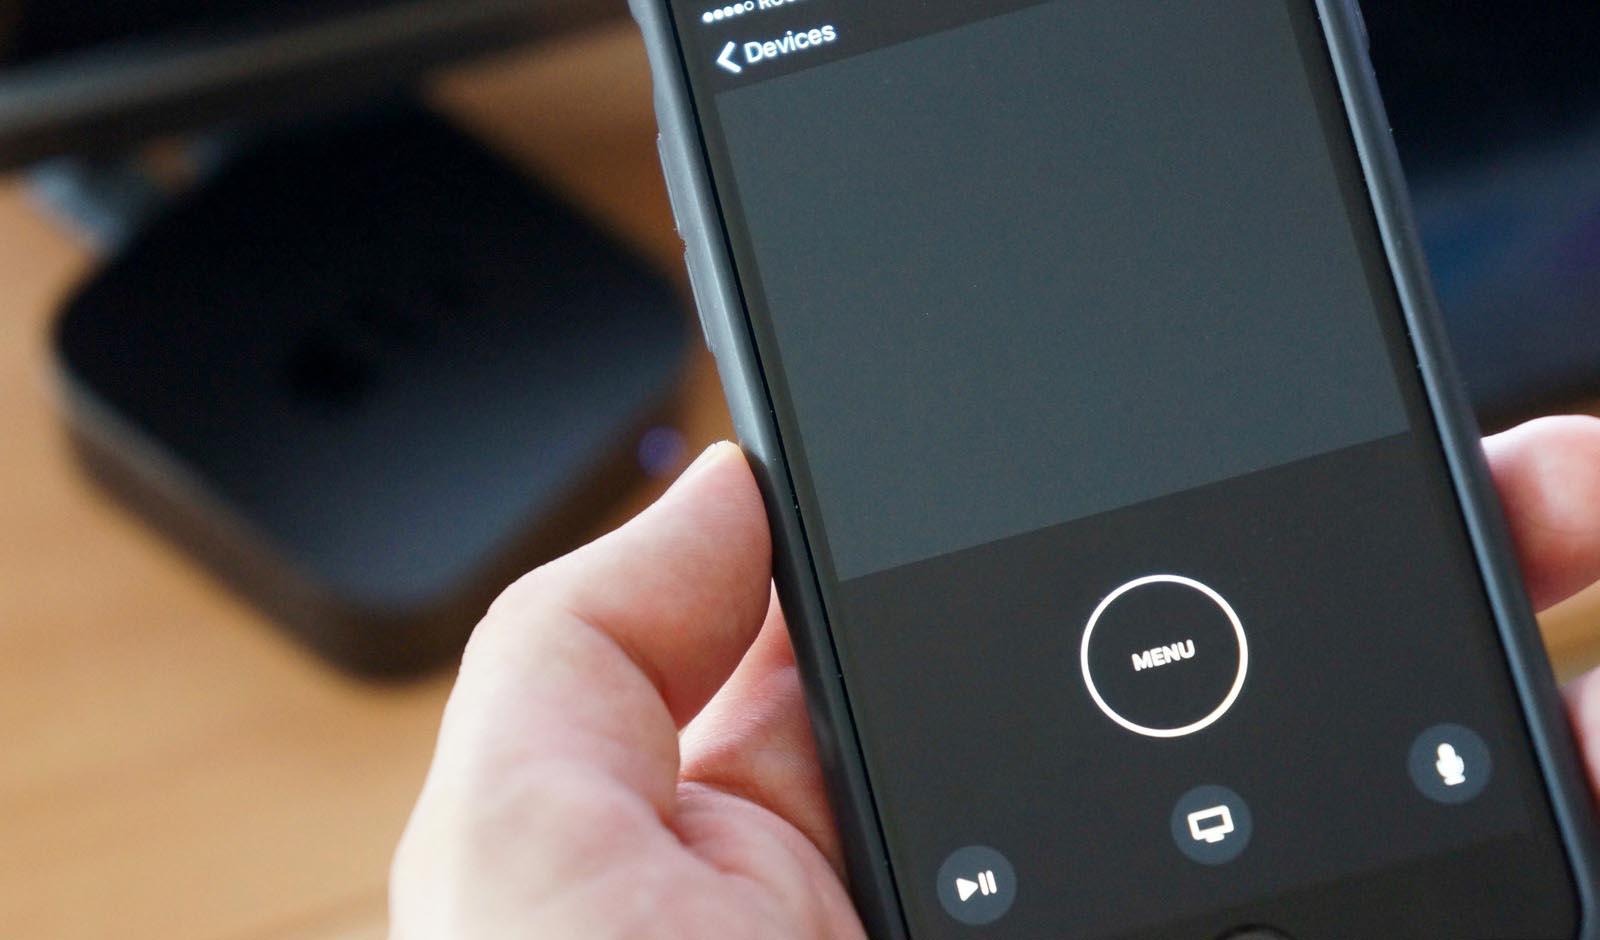 Apple-TV-remote-app-siri